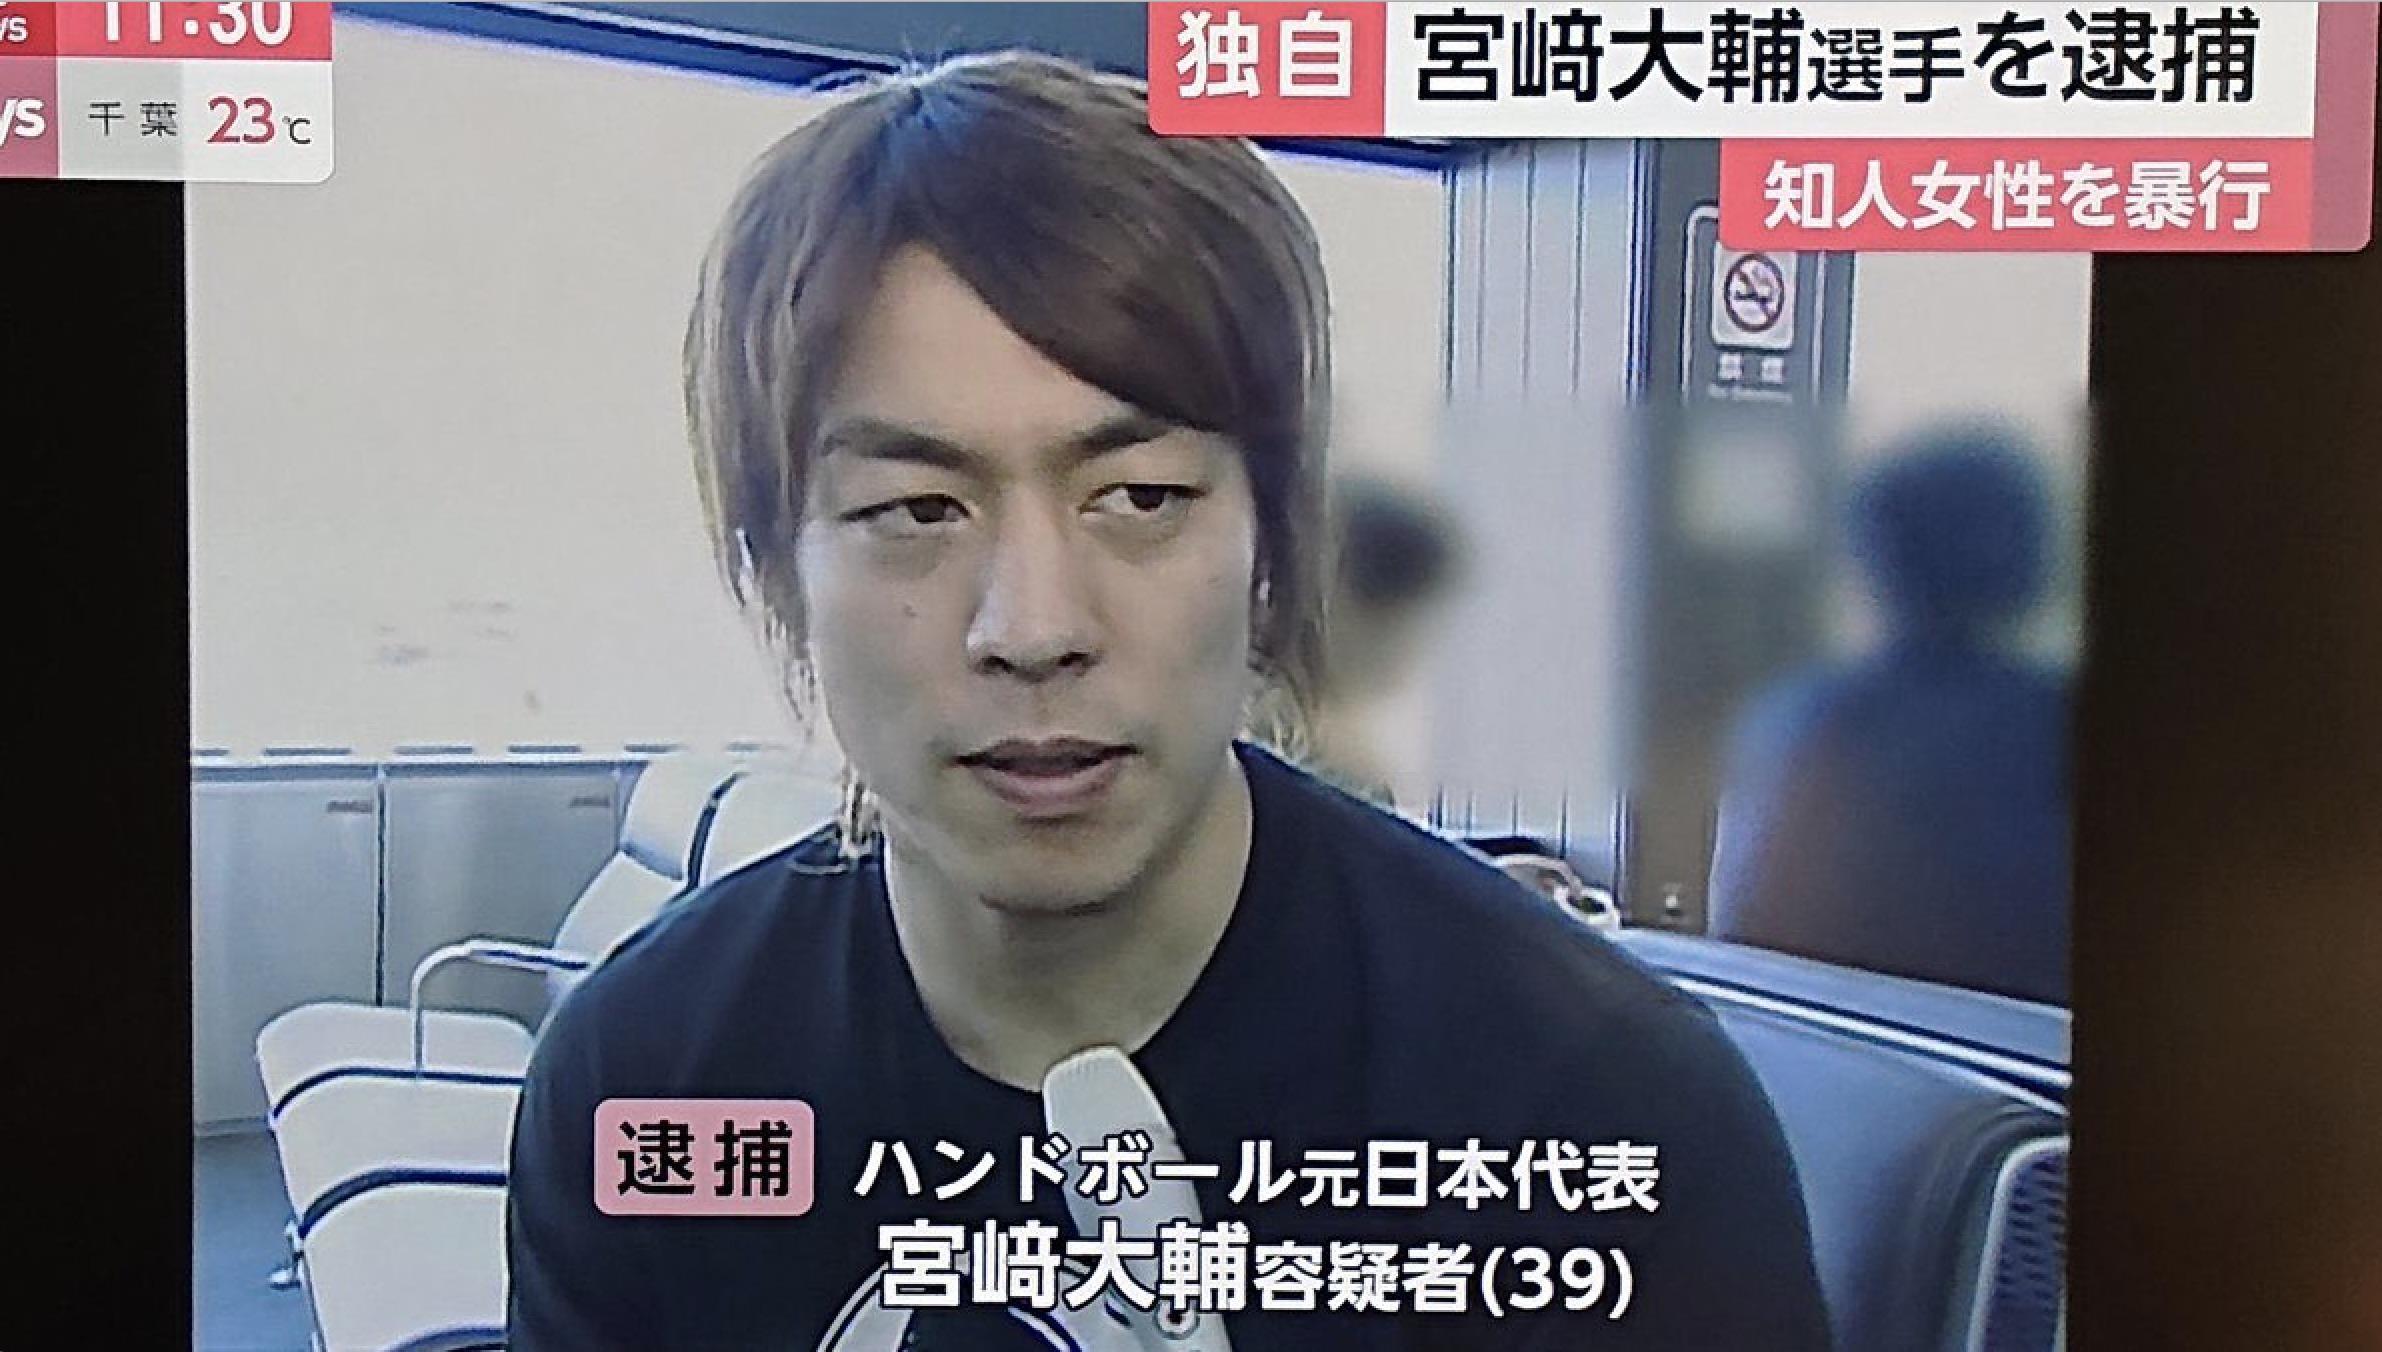 宮崎大輔さんの画像